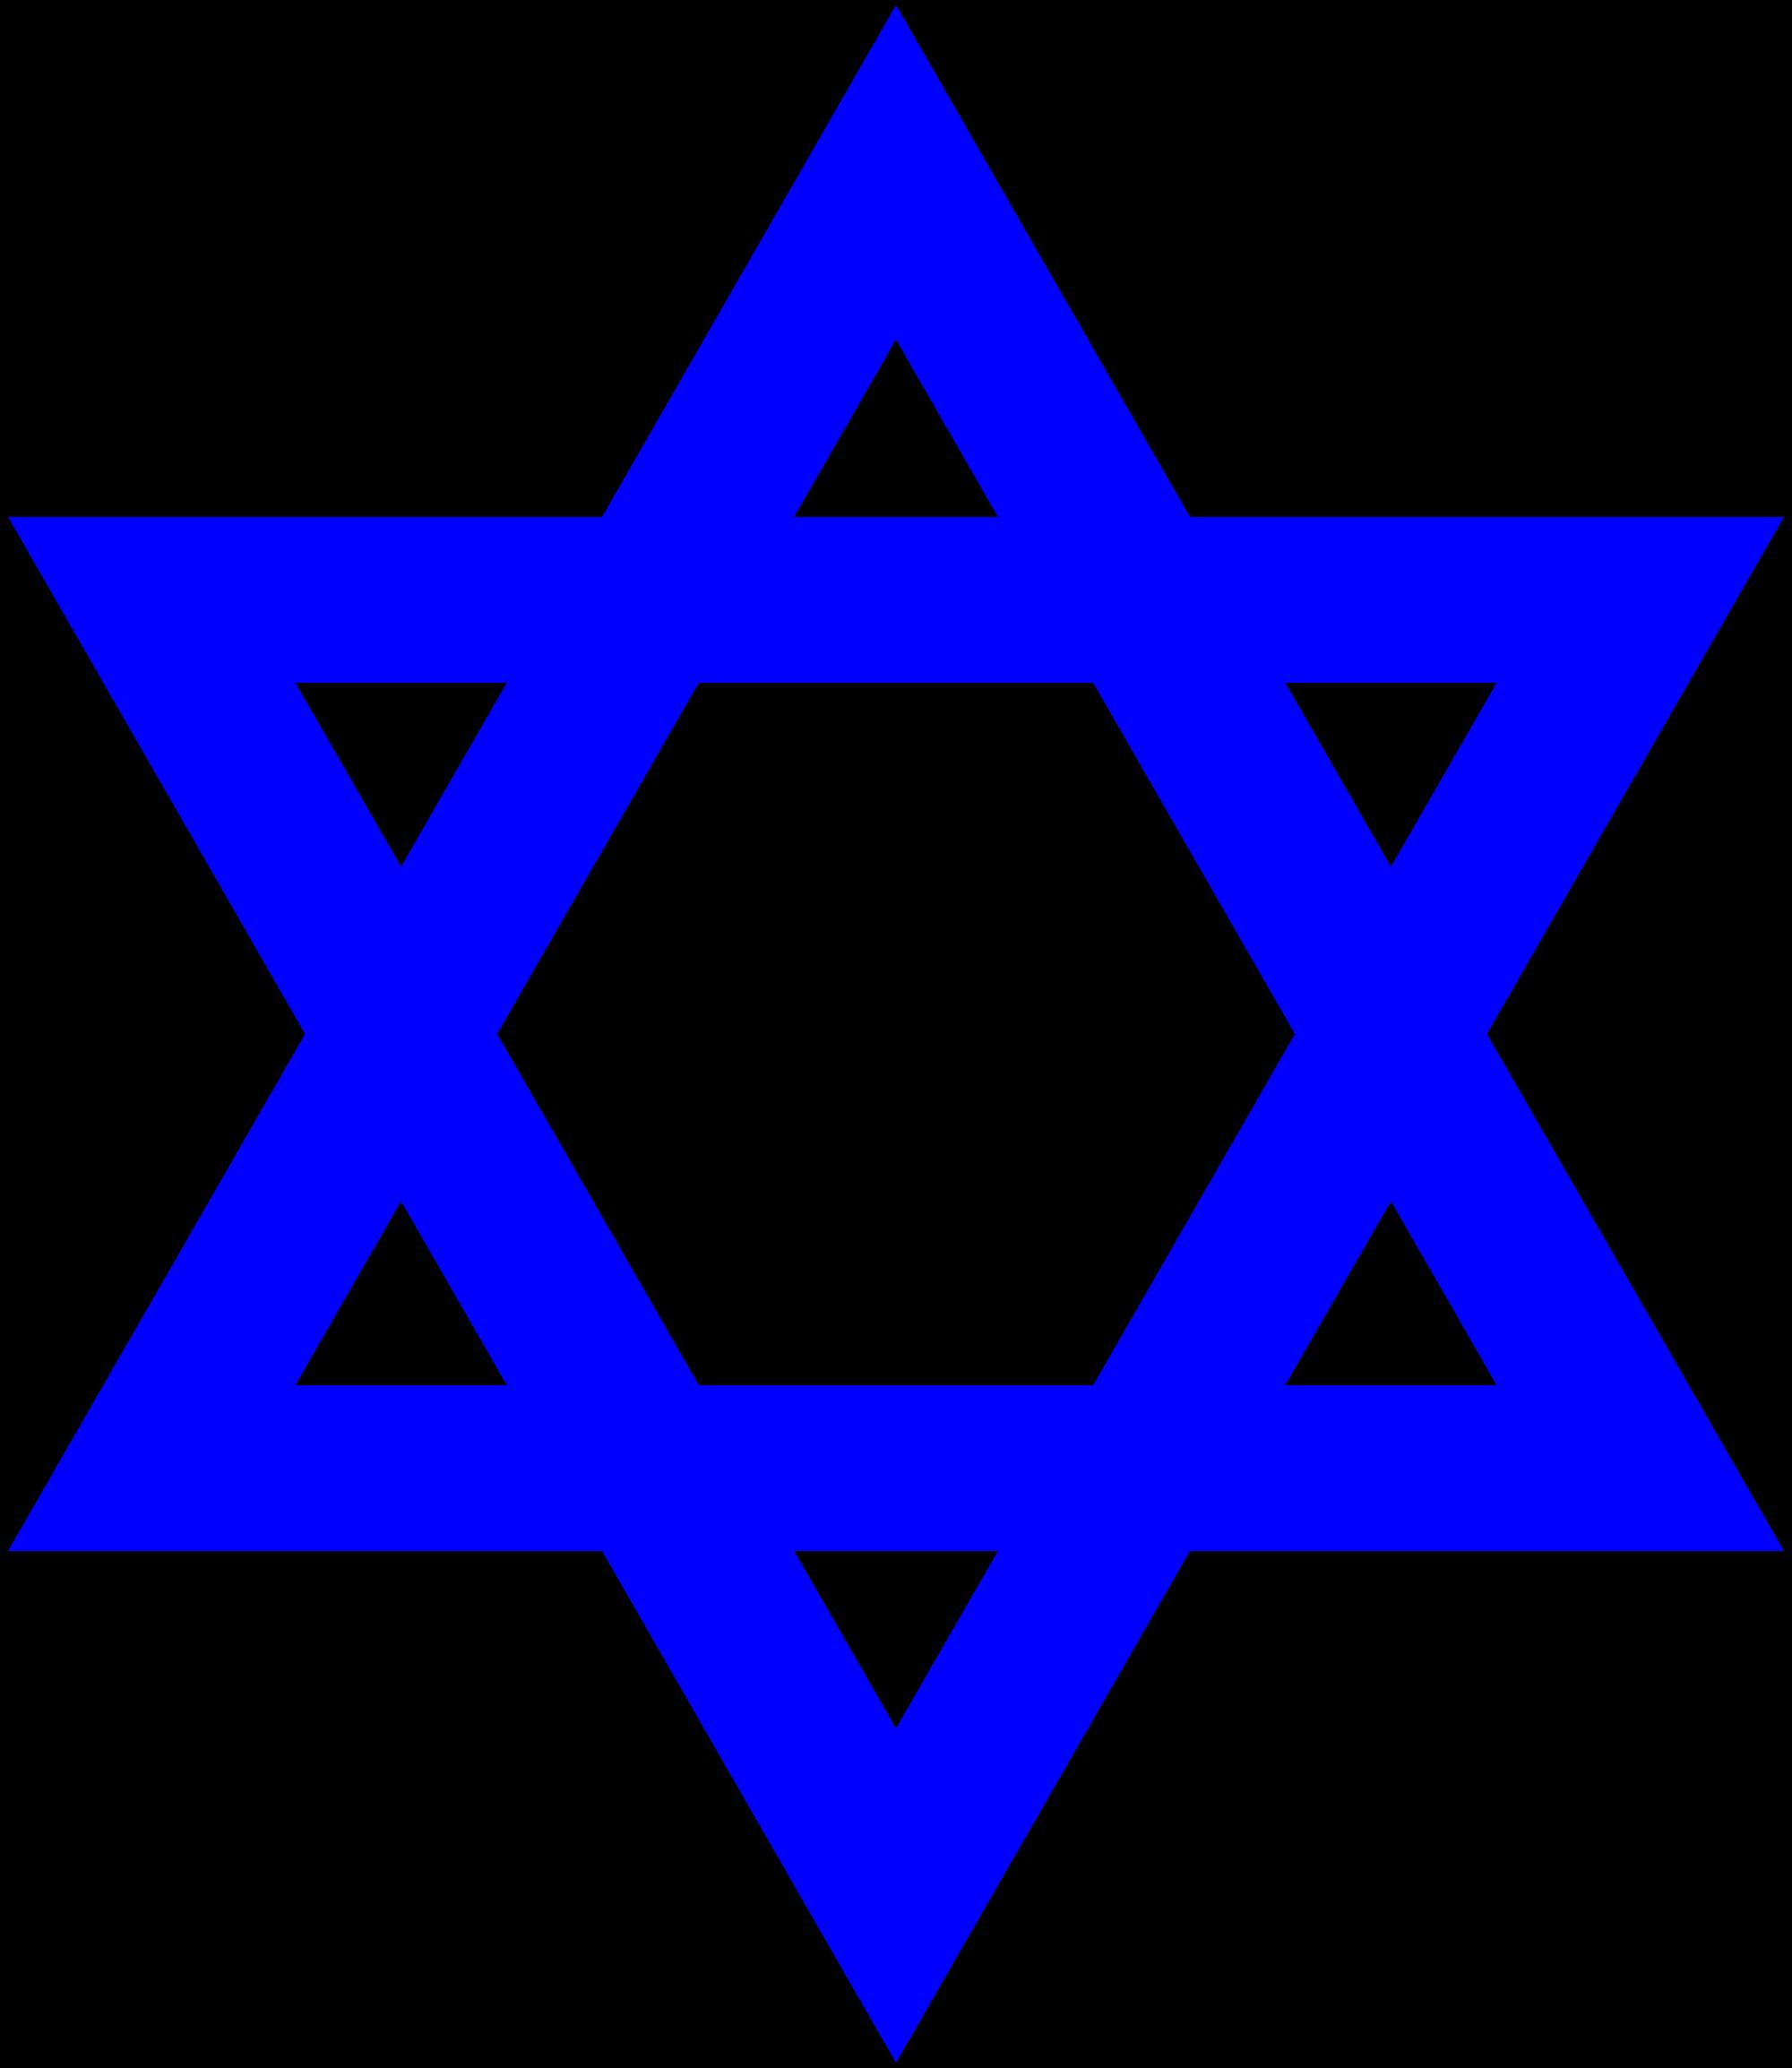 Free Holocaust Symbols Cliparts, Download Free Clip Art.